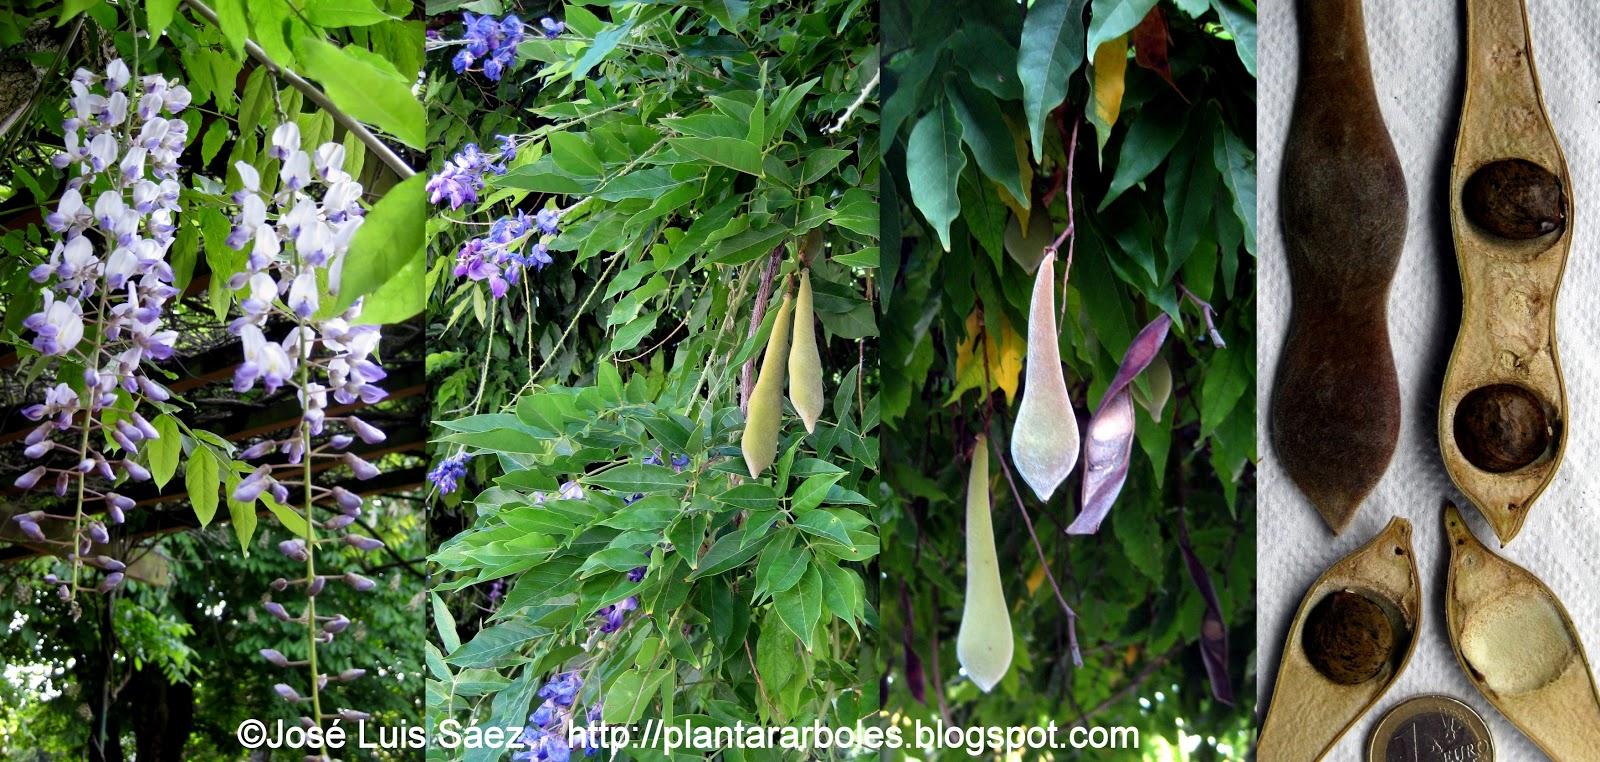 Plantar rboles y arbustos arbustos no aut ctonos de for Glicina planta